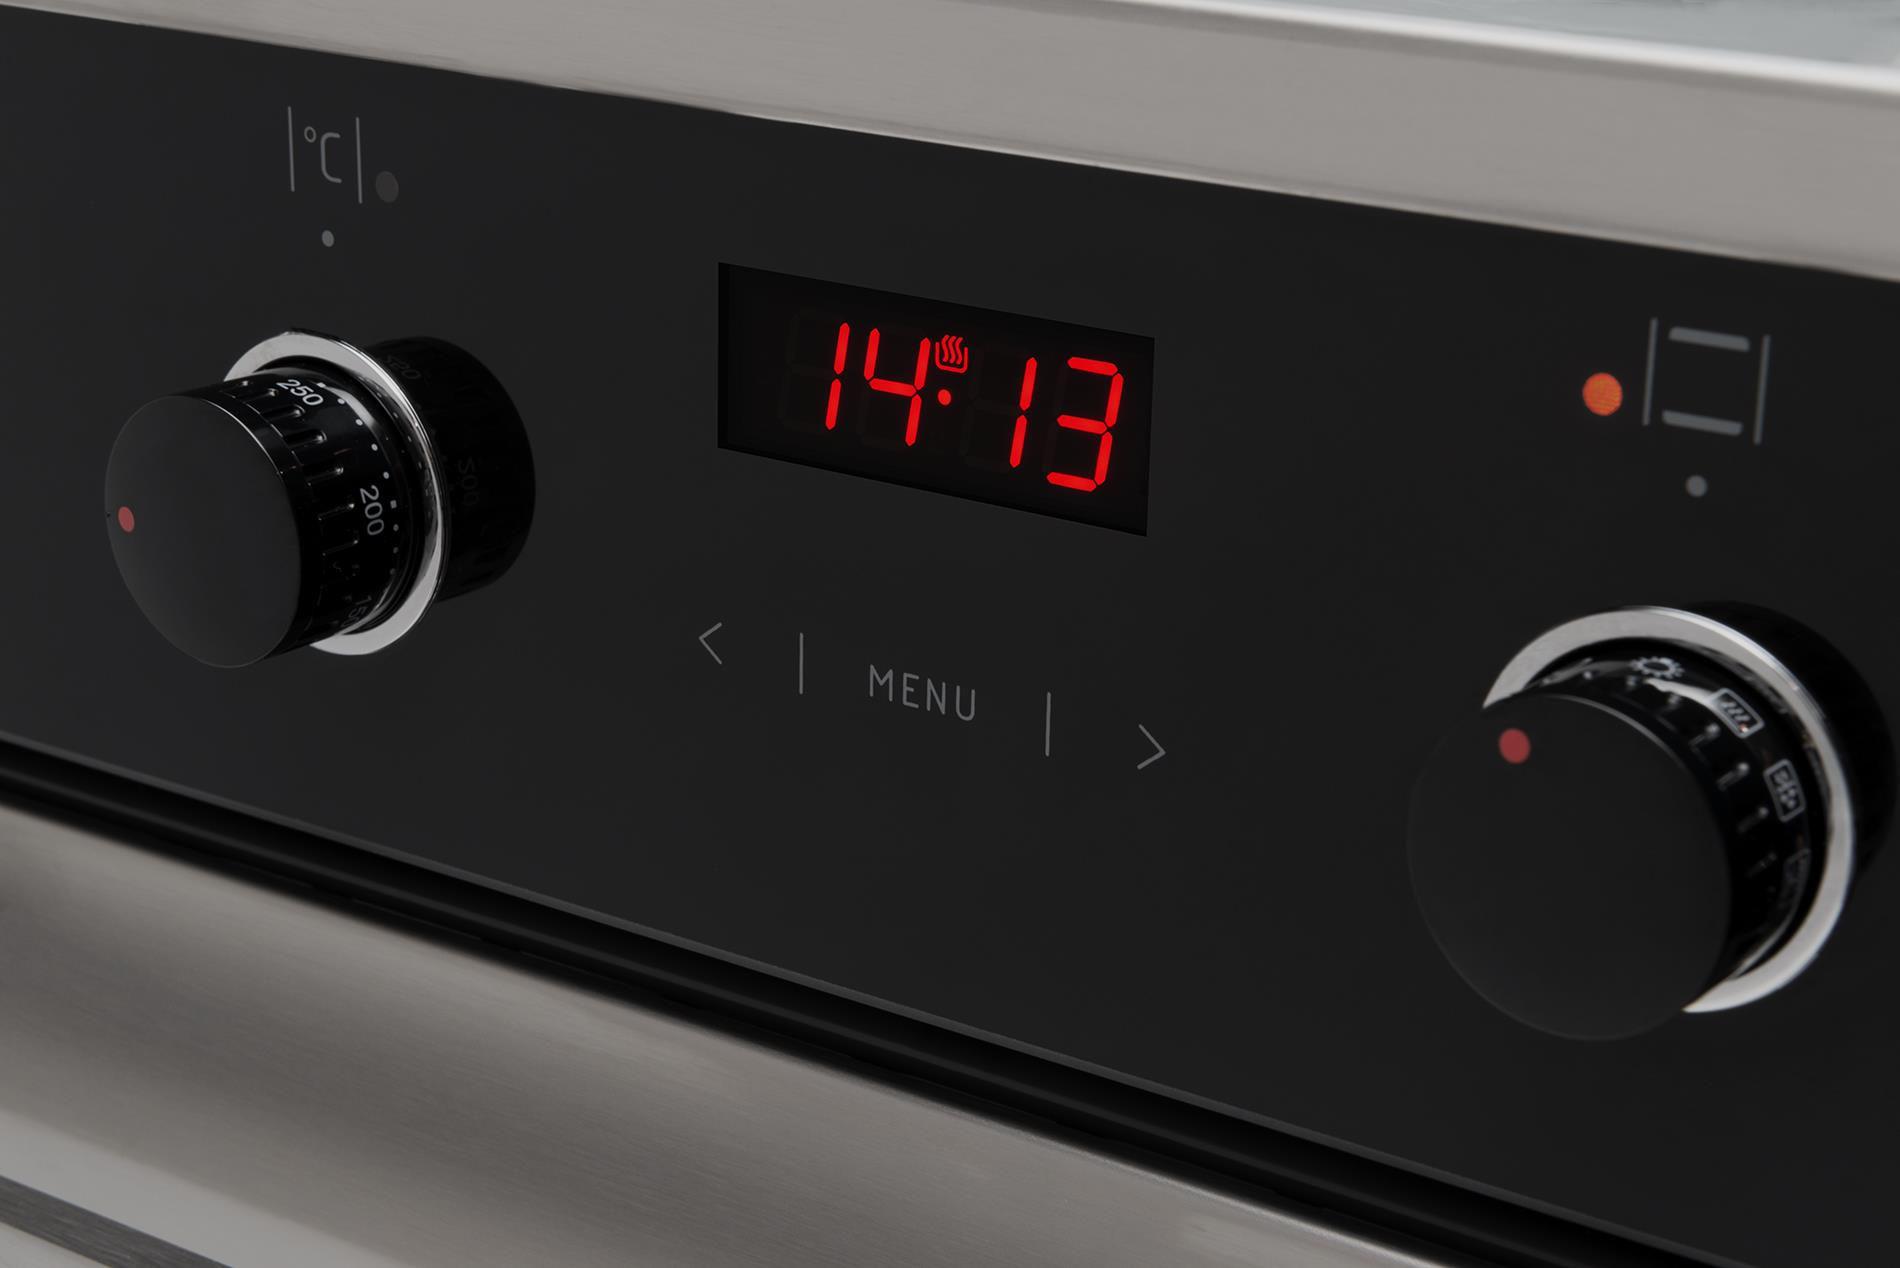 Modne ubrania Built-in oven Amica FUSION EB8551 FUSION SOFT : Amica GU38